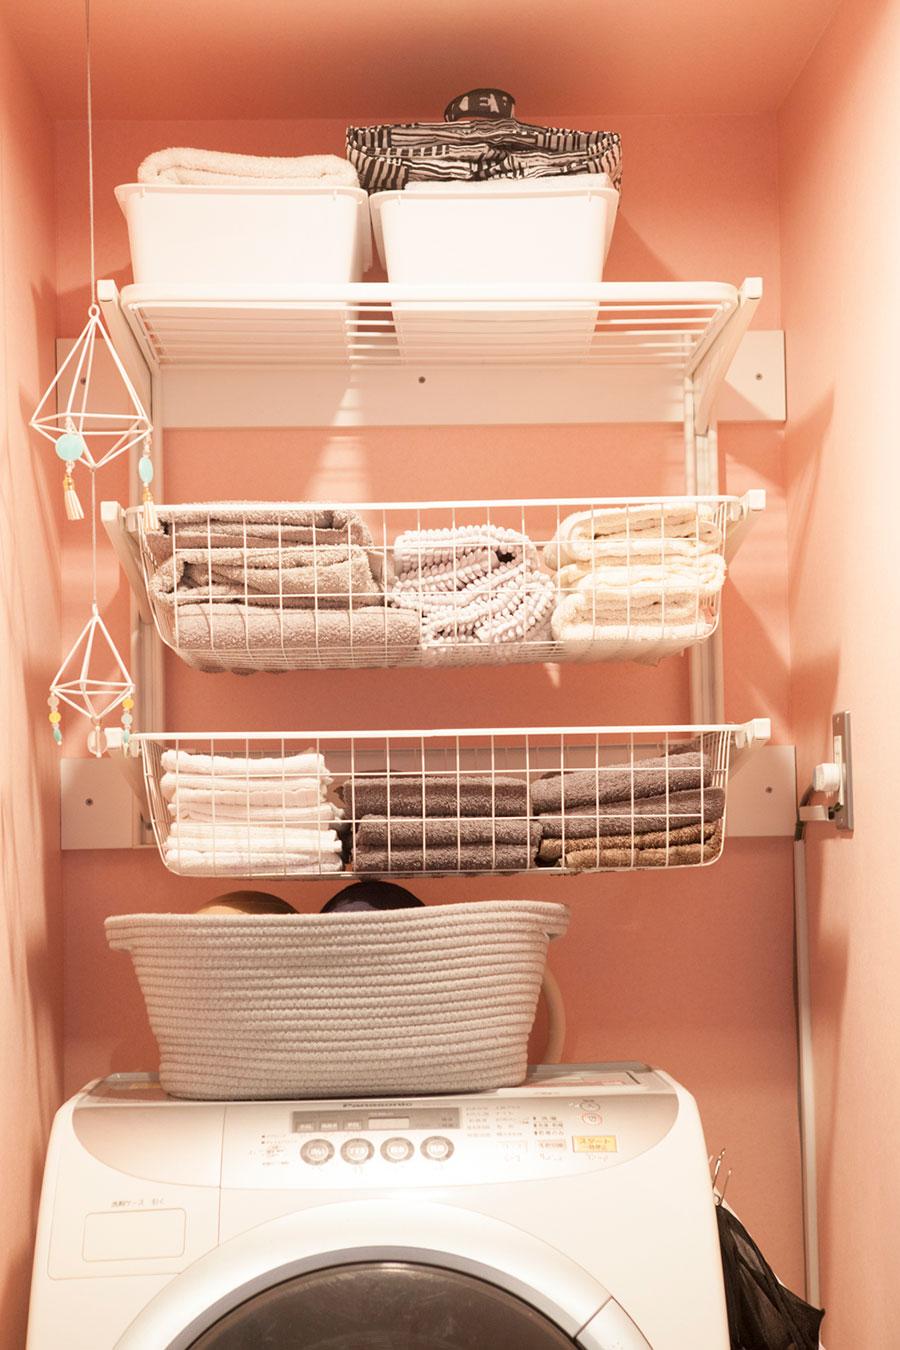 洗濯機上の空きスペースに棚を取り付けて、タオル収納に。タオルは毎年、年末年始に新しいものに取り替えるのが恒例行事なのだそう。洗濯カゴは使わないことで省スペースに。